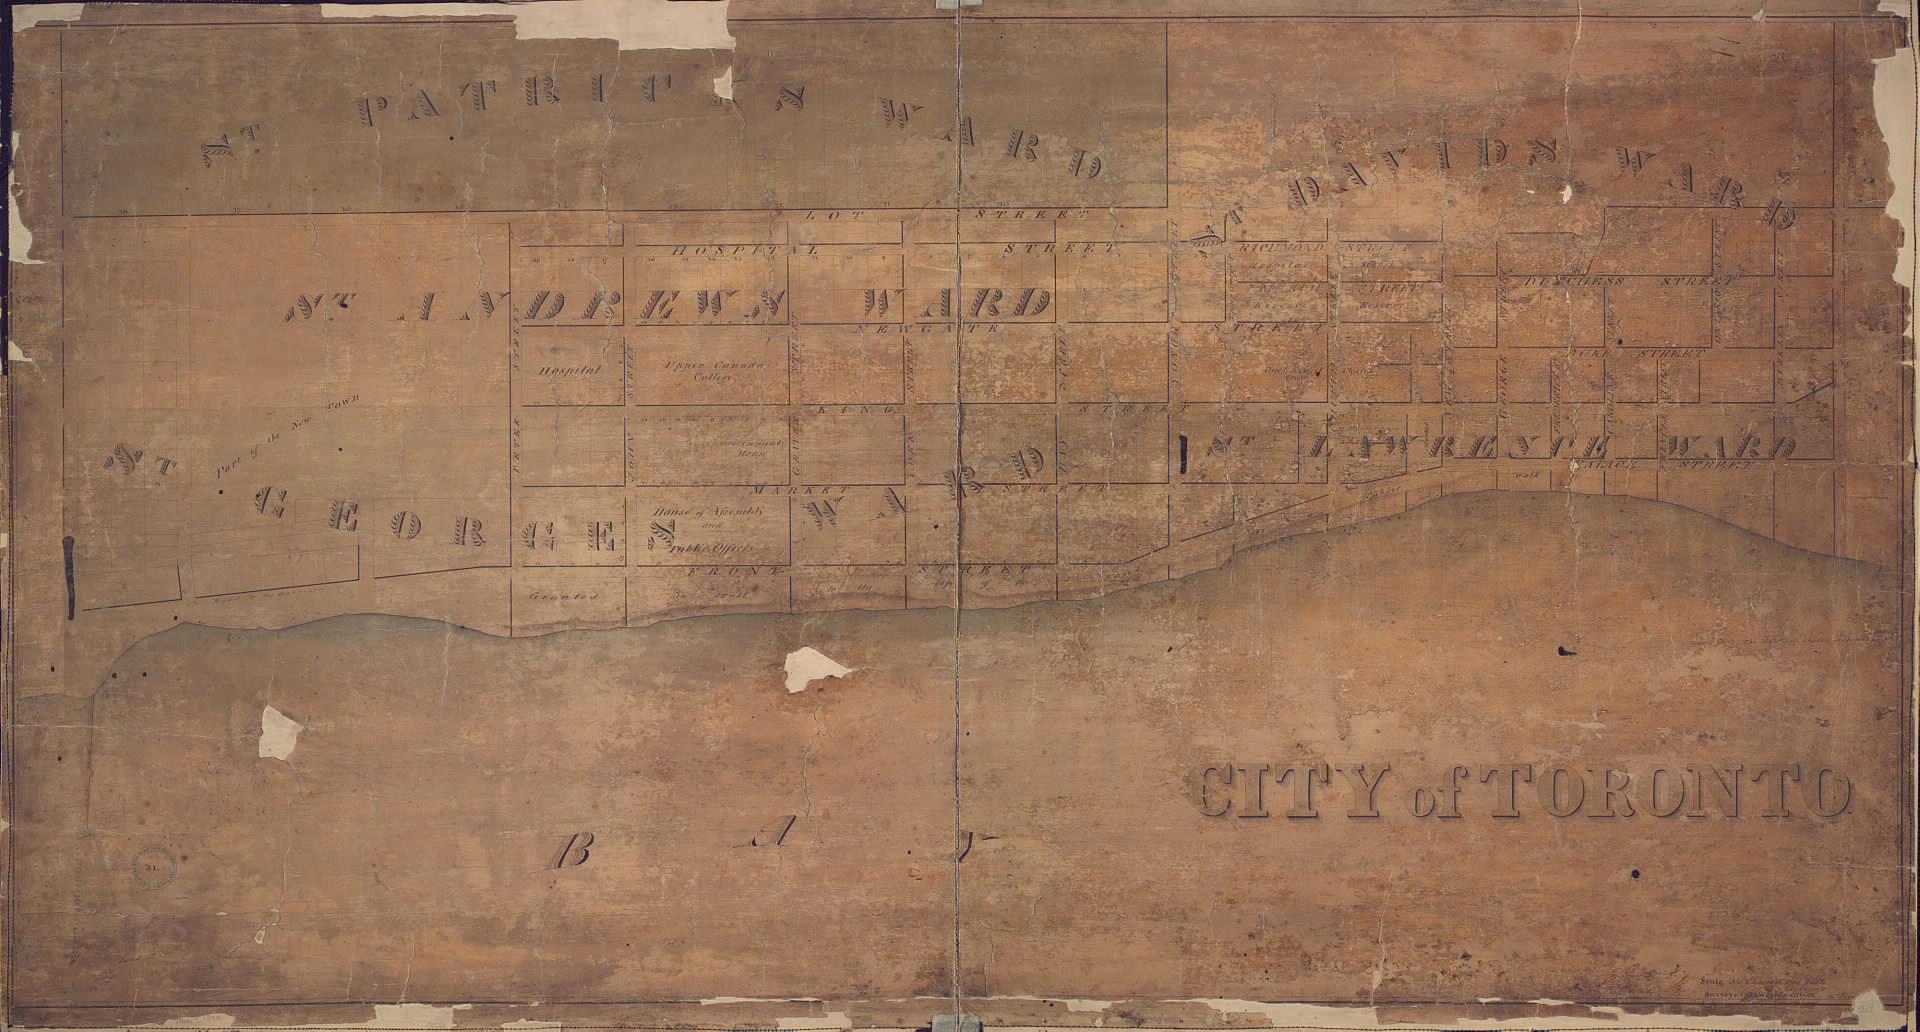 1834, Map